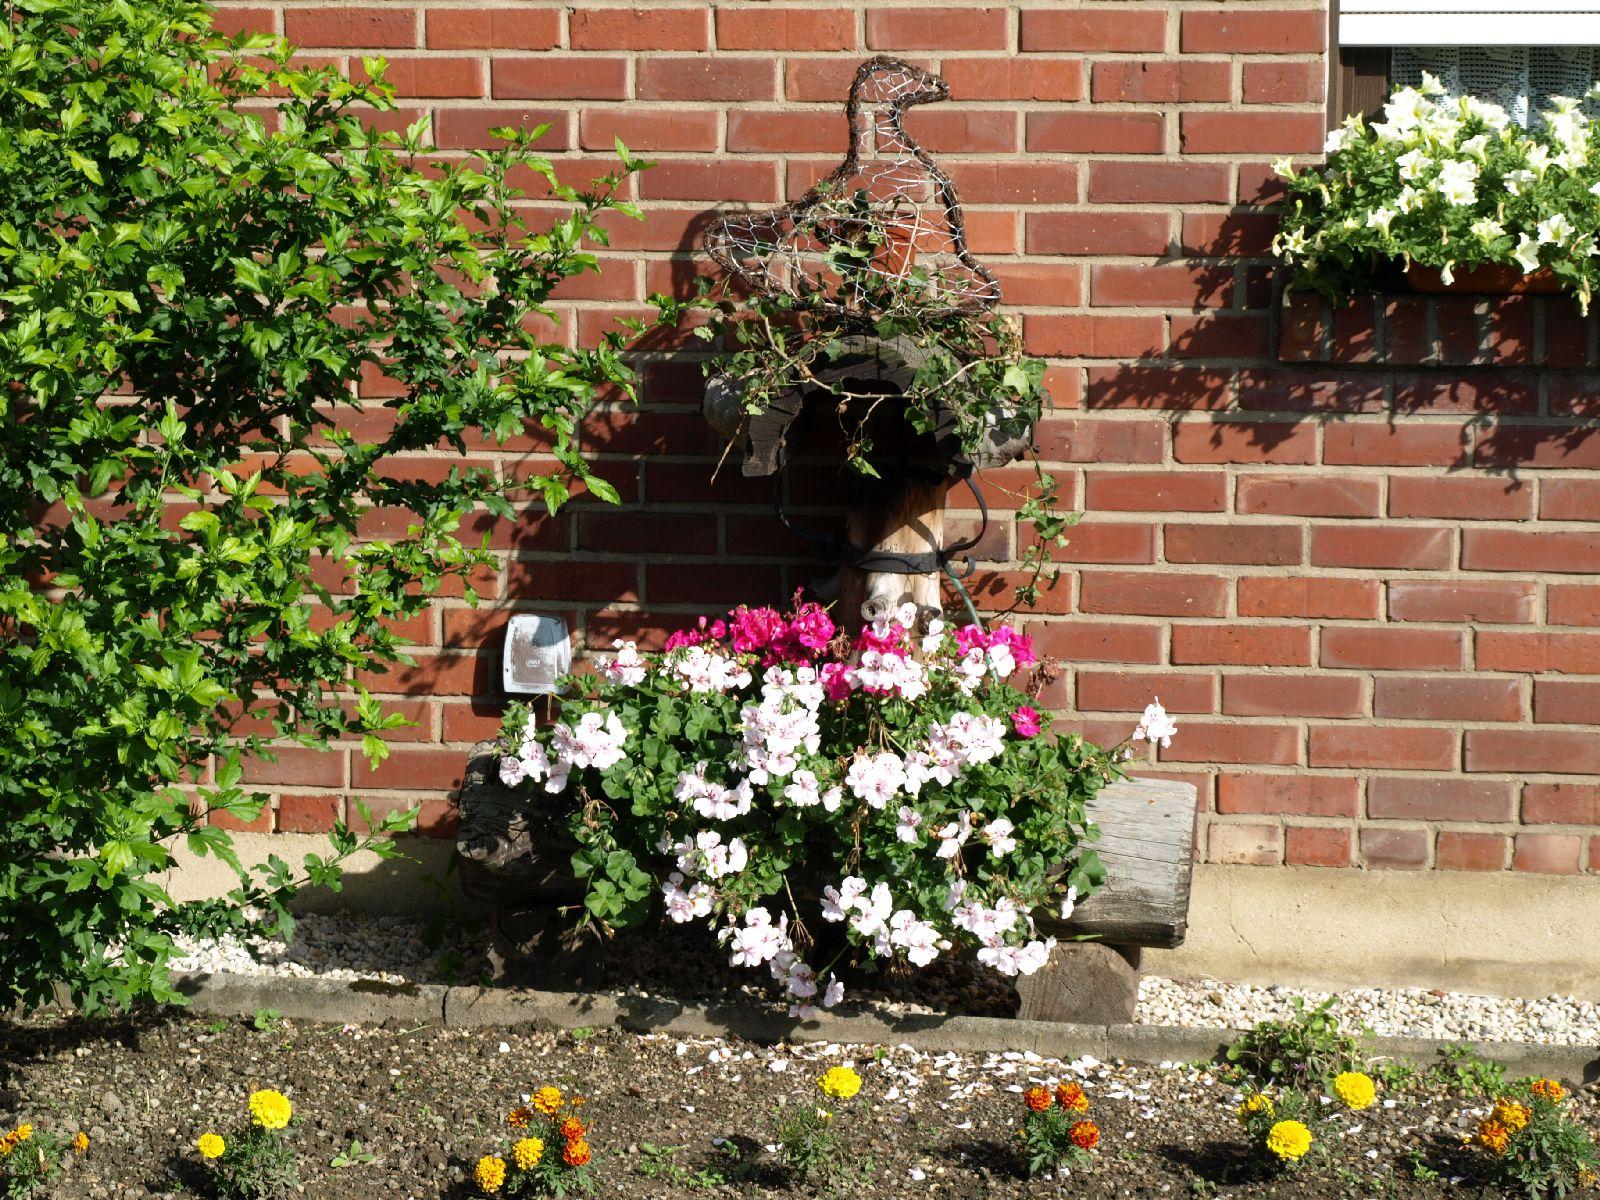 Pflanzen-Blumen-Foto_Textur_B_P6293864